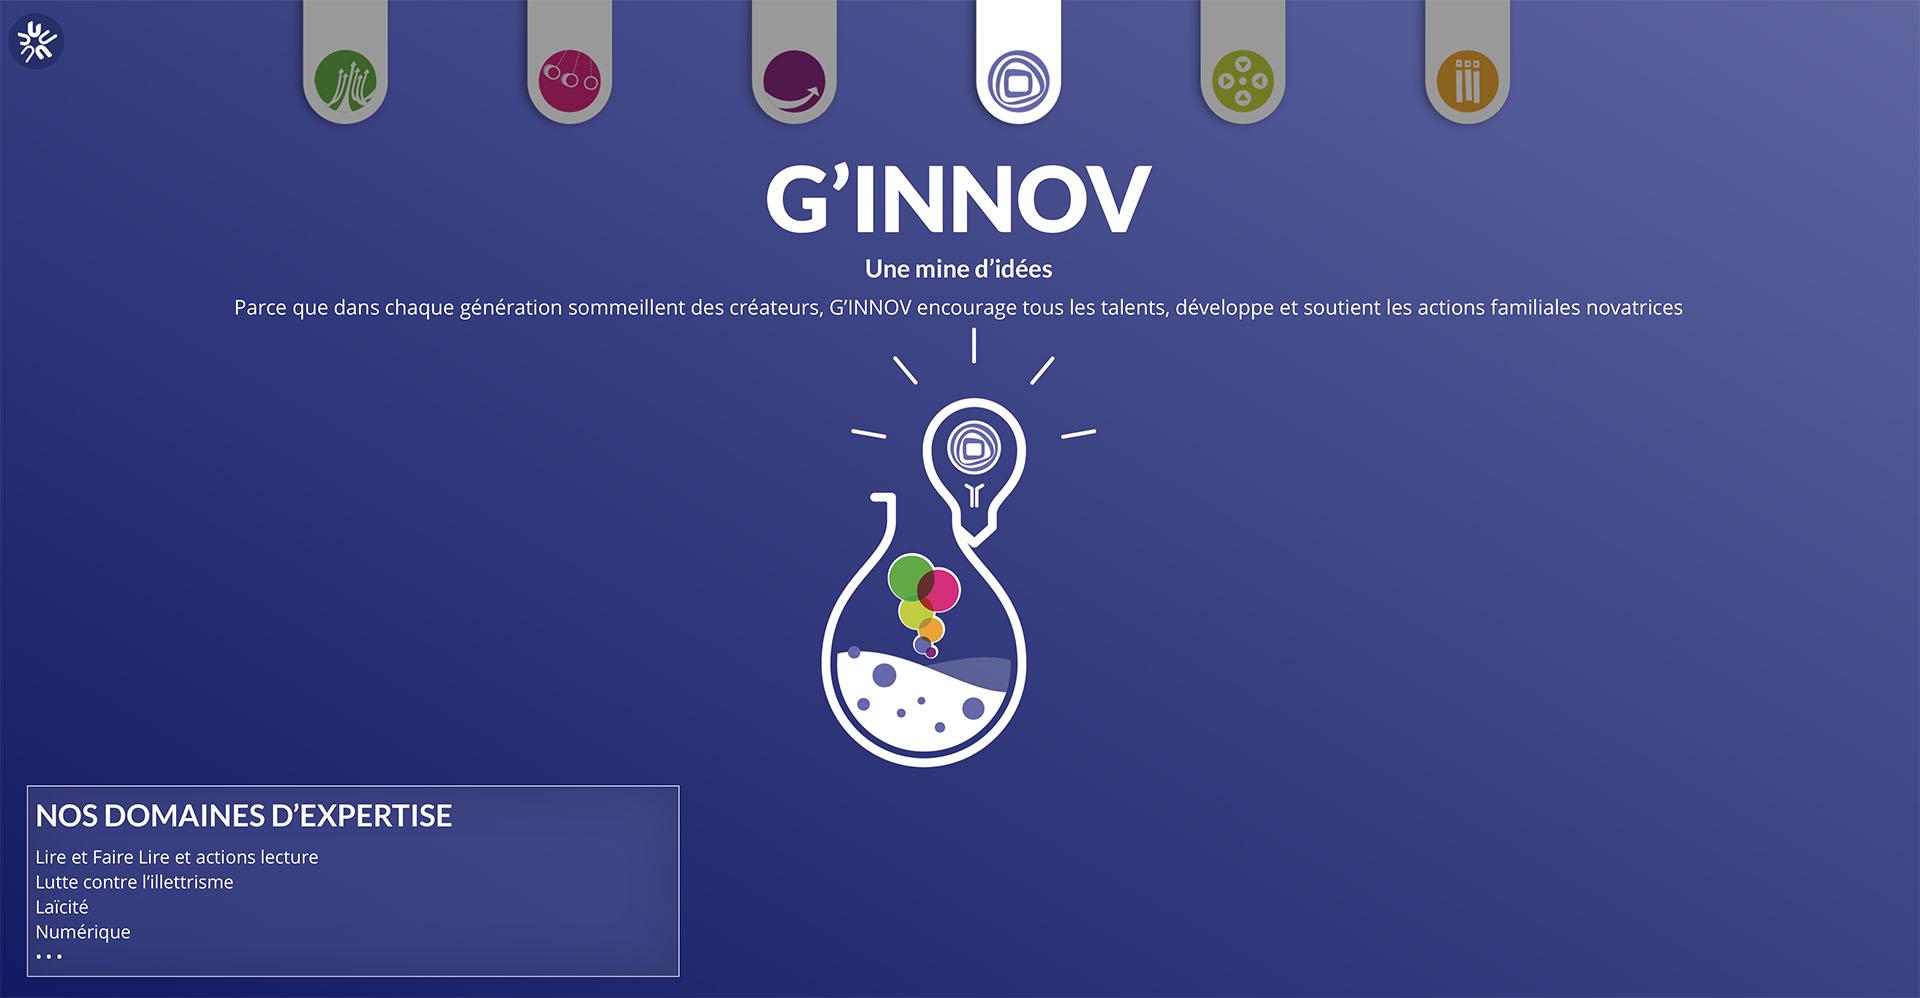 Page G'INNOV UDAF 62